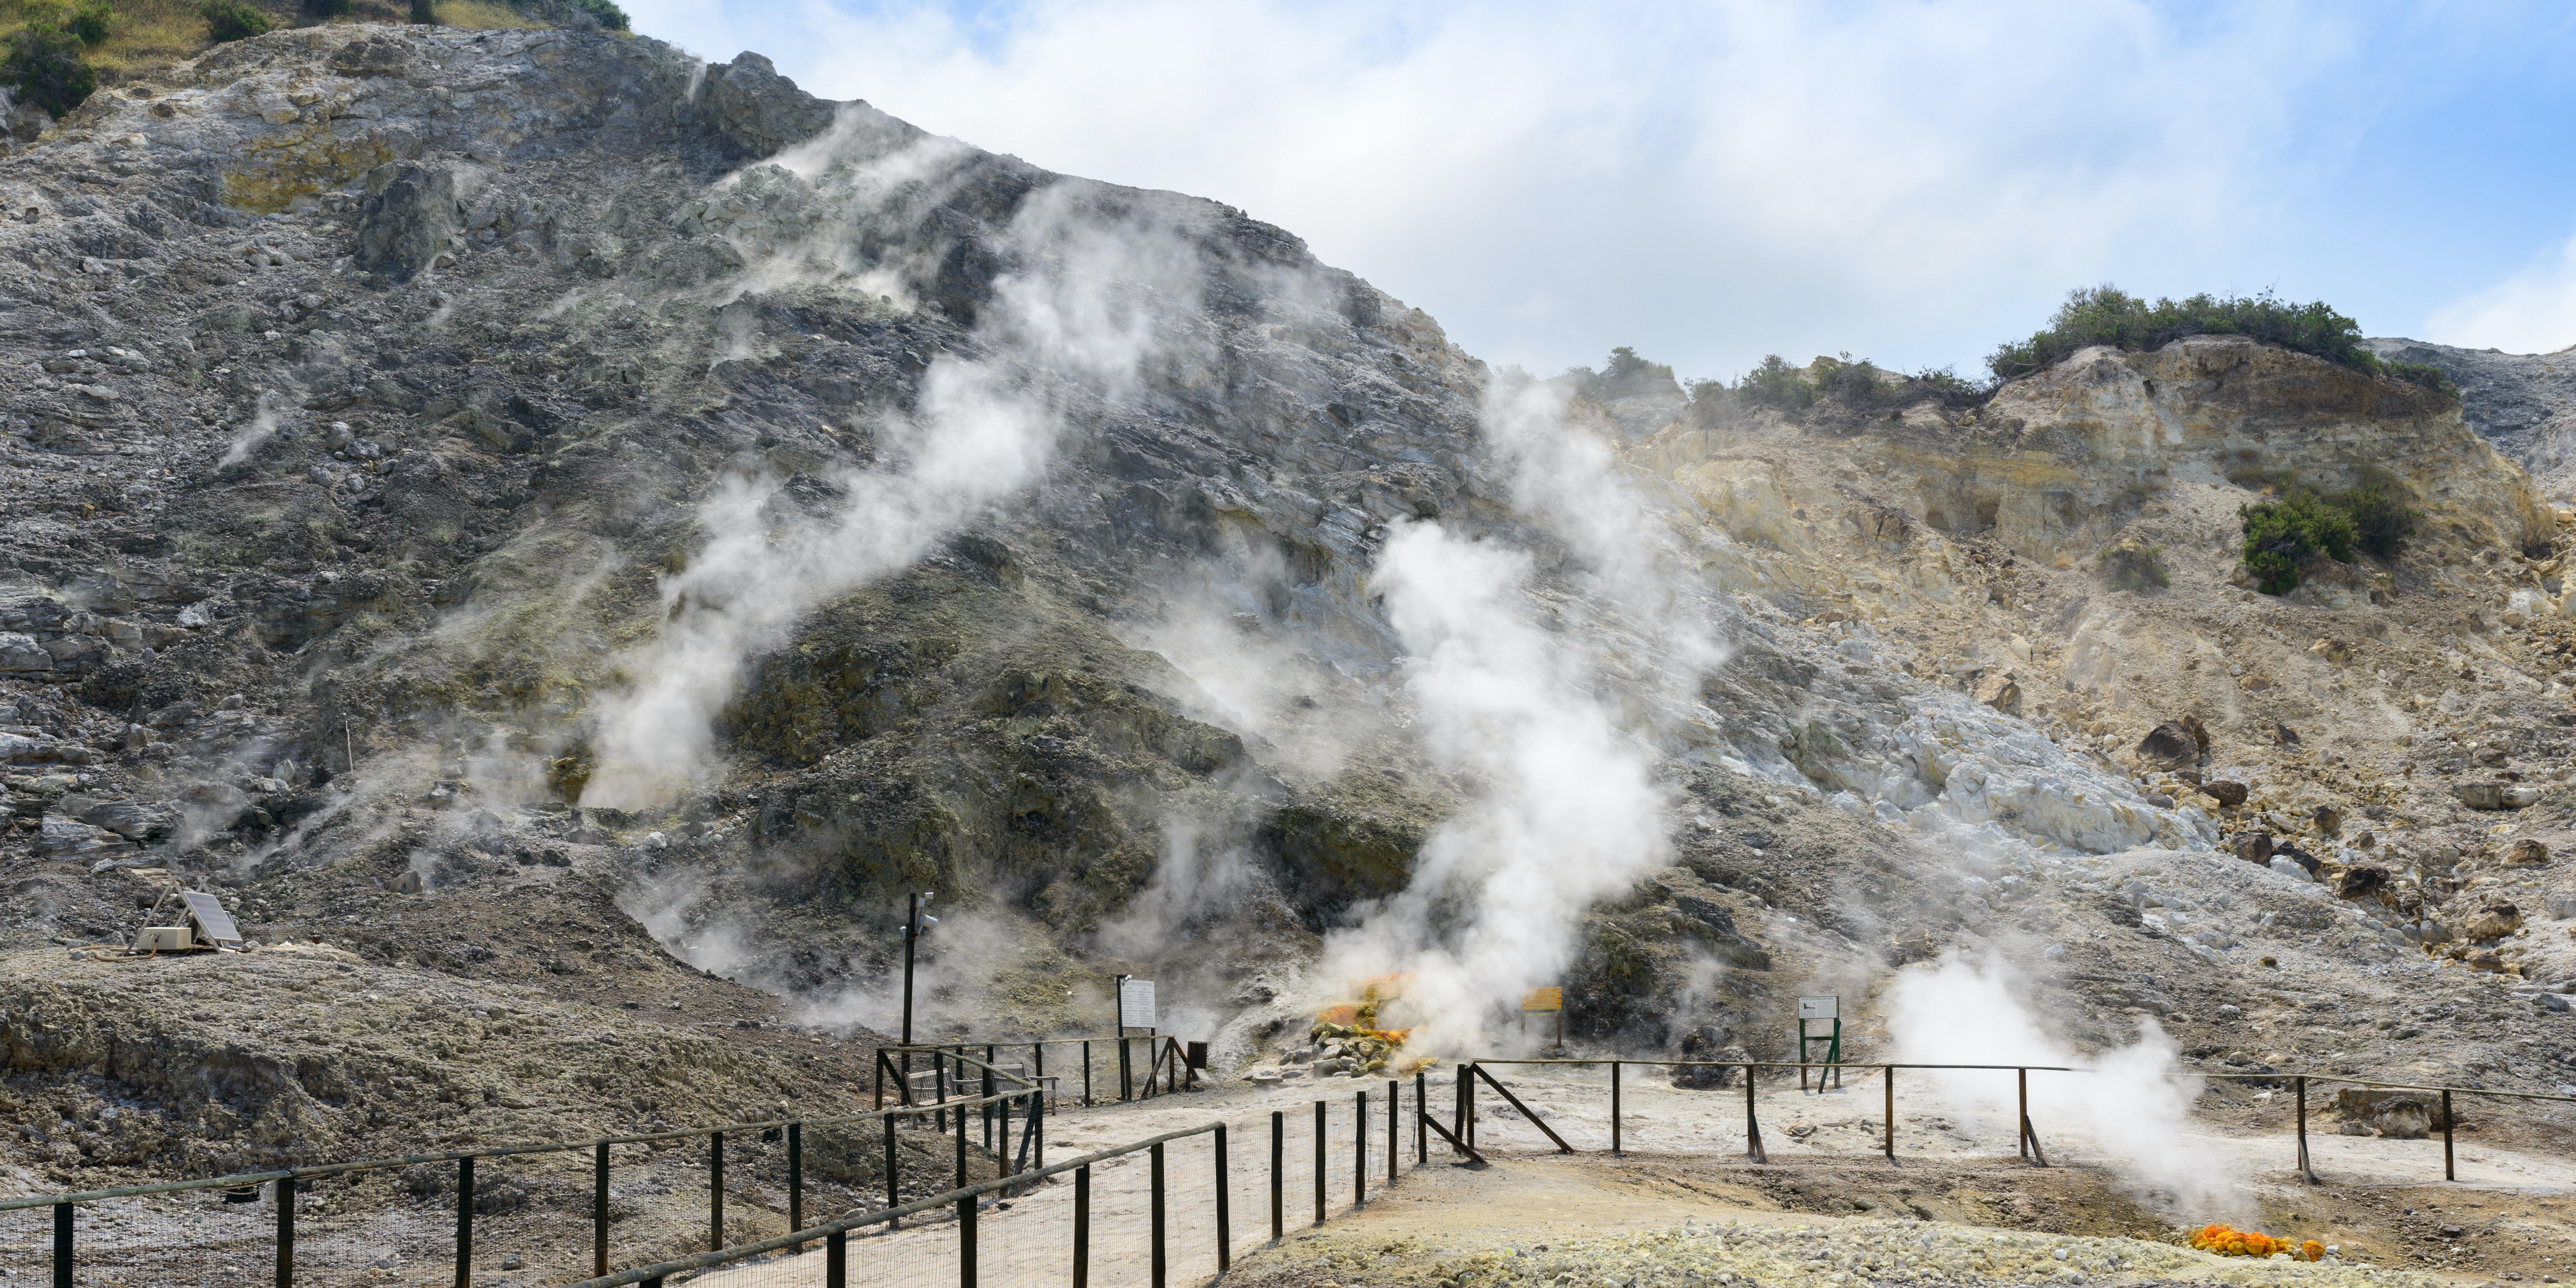 Fumarole, Solfatara (Pozzuoli), Campi Flegrei, Campania, Italy.